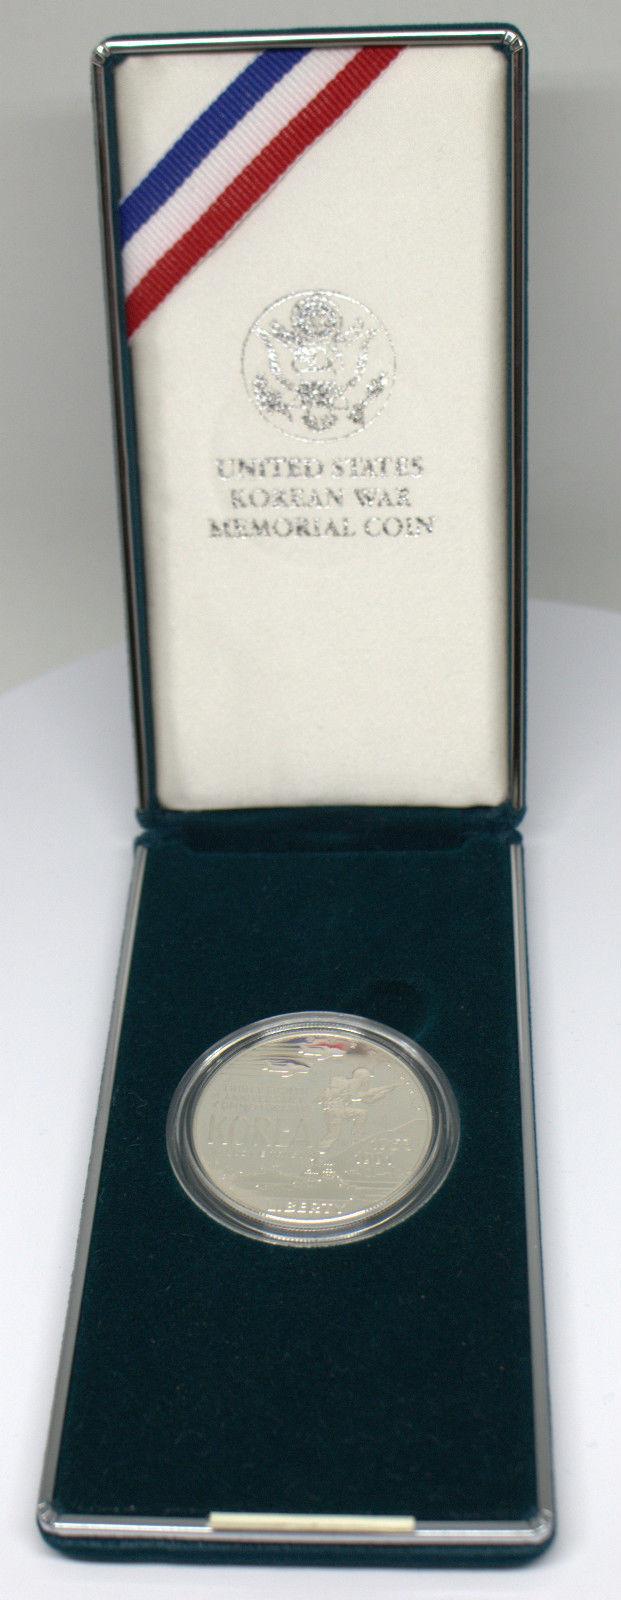 1991 D KOREAN WAR MEMORIAL 90% SILVER PROOF COIN  WITH BOX & COA #DBW